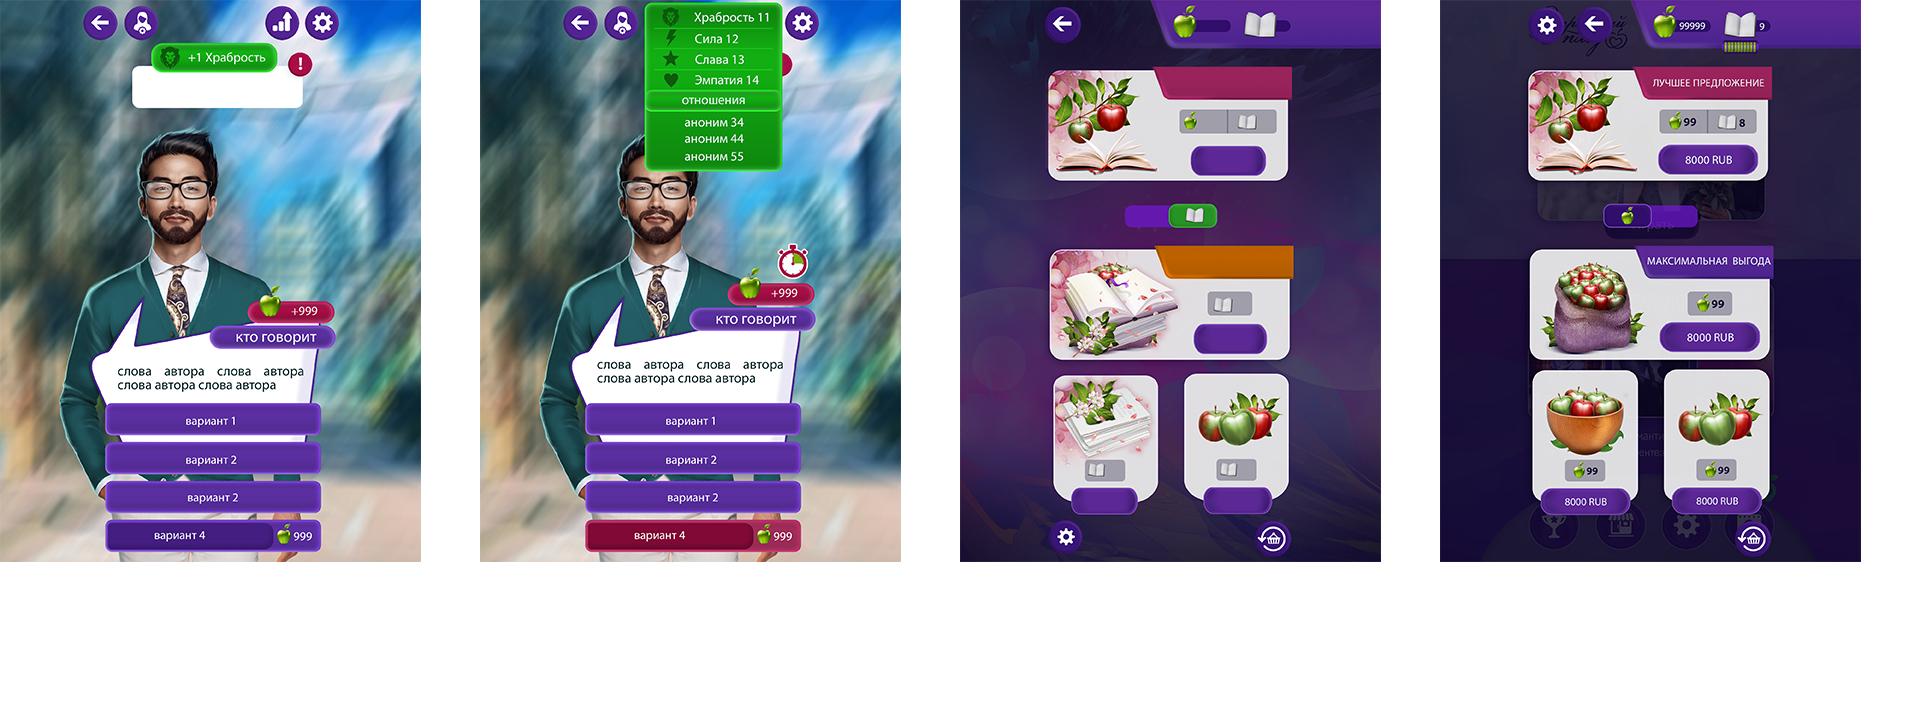 2D Персонажи для мобильного приложения: Запретный плод